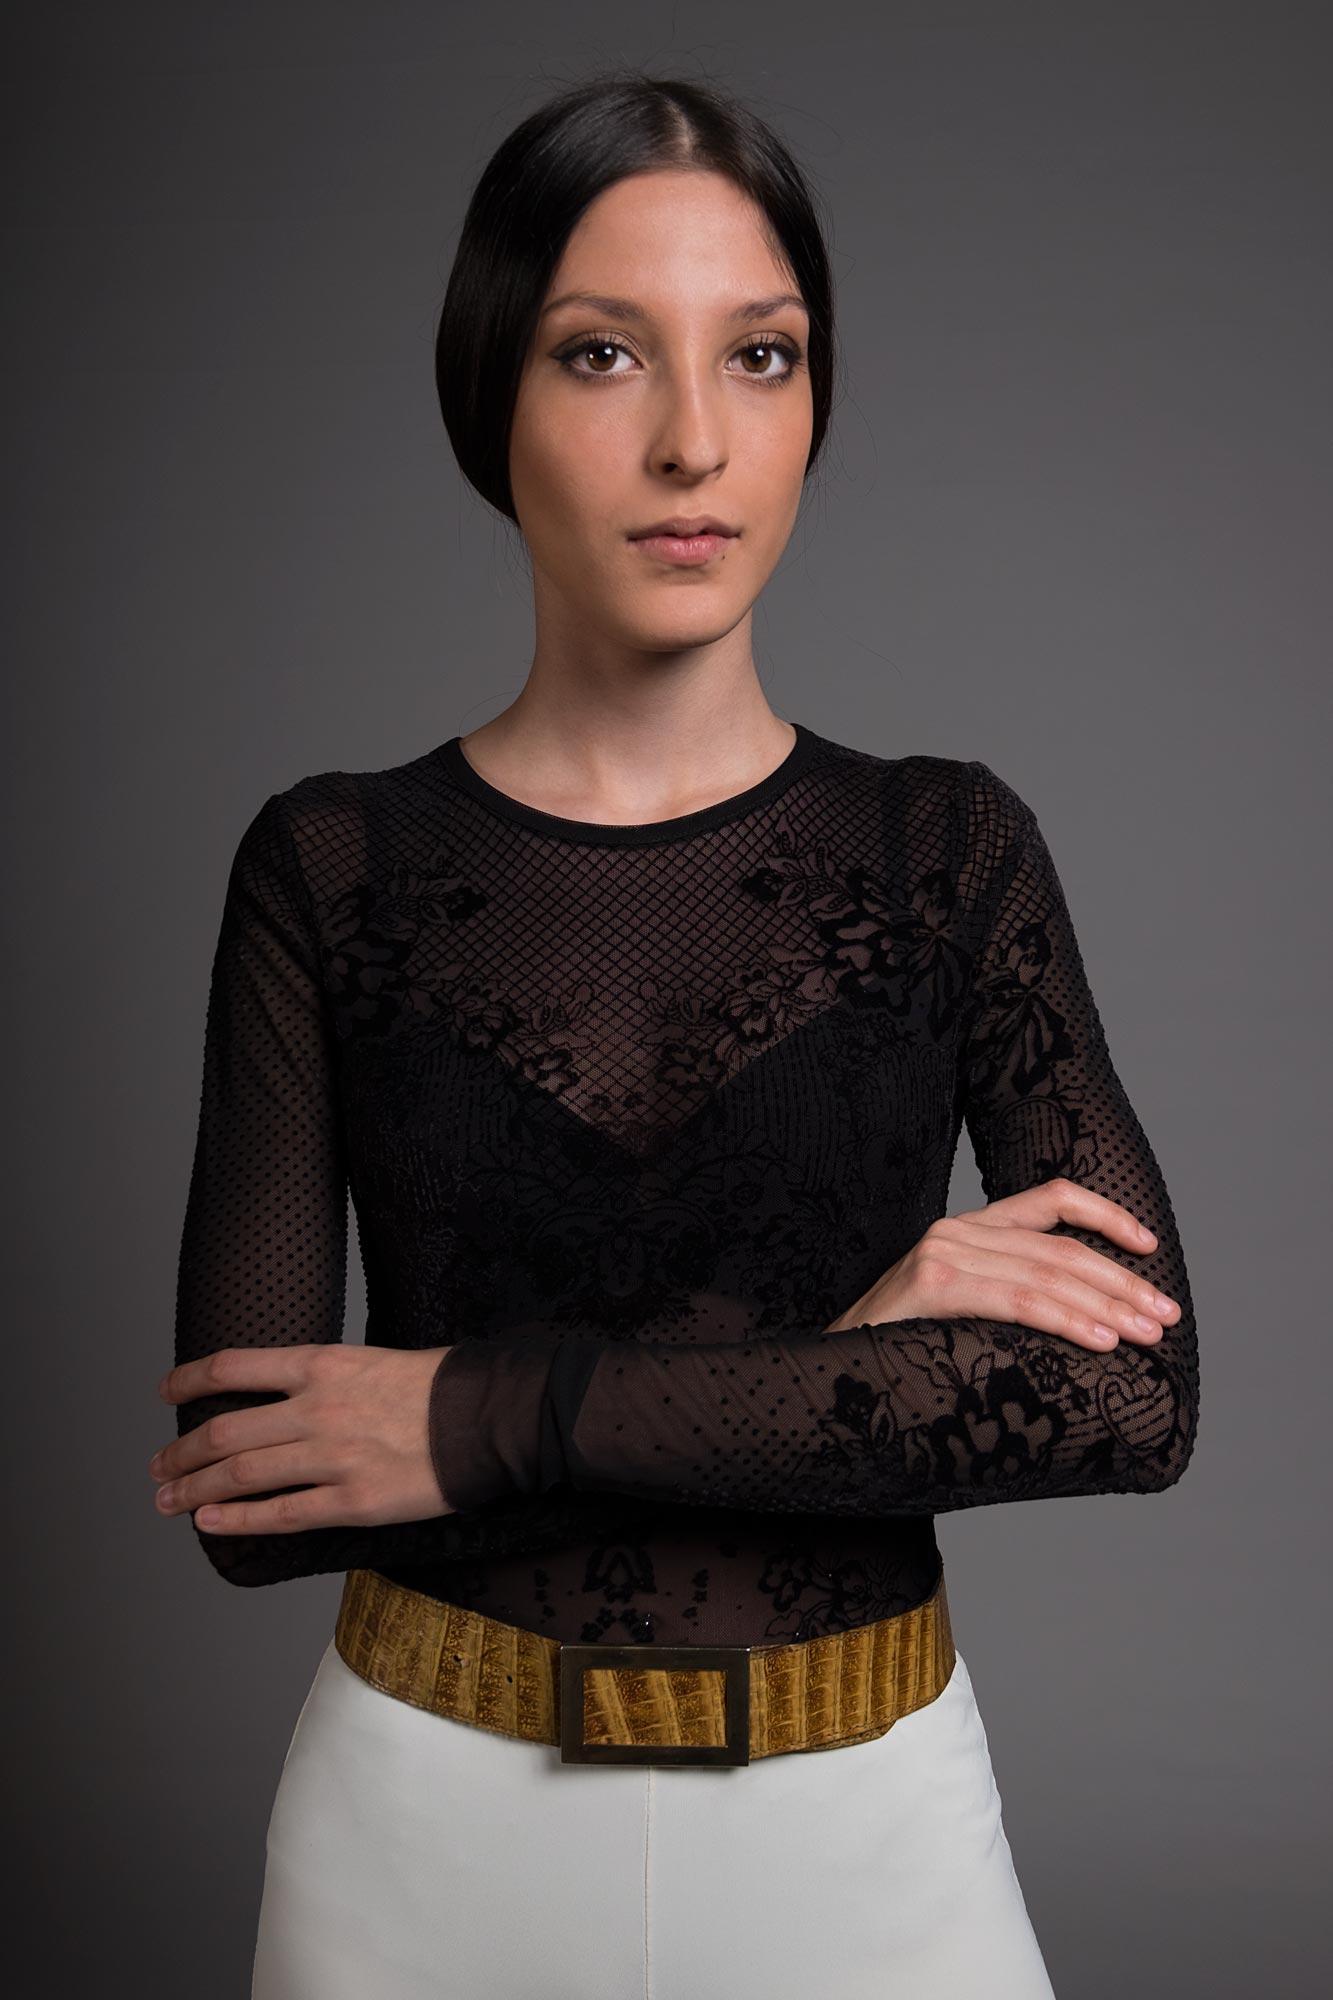 Martina - Creative Models - Agenzia di Modelle Brescia